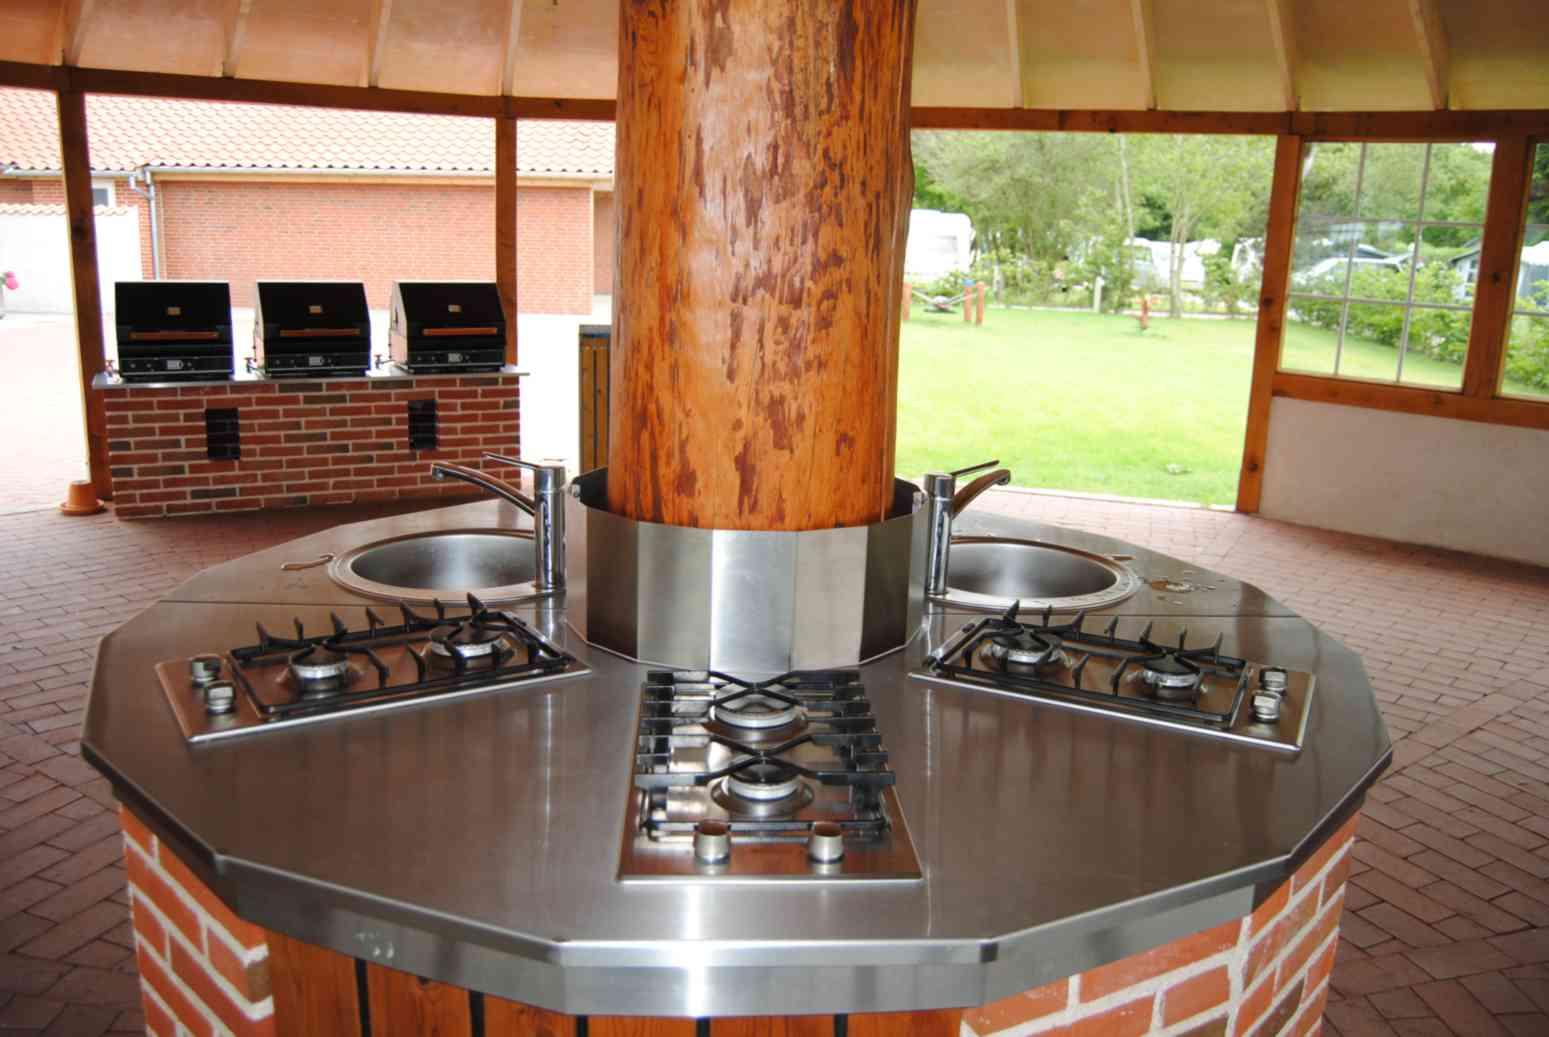 rea para churrasco muito bacana numa rea coberta com varias mesas  #B14E15 1549x1037